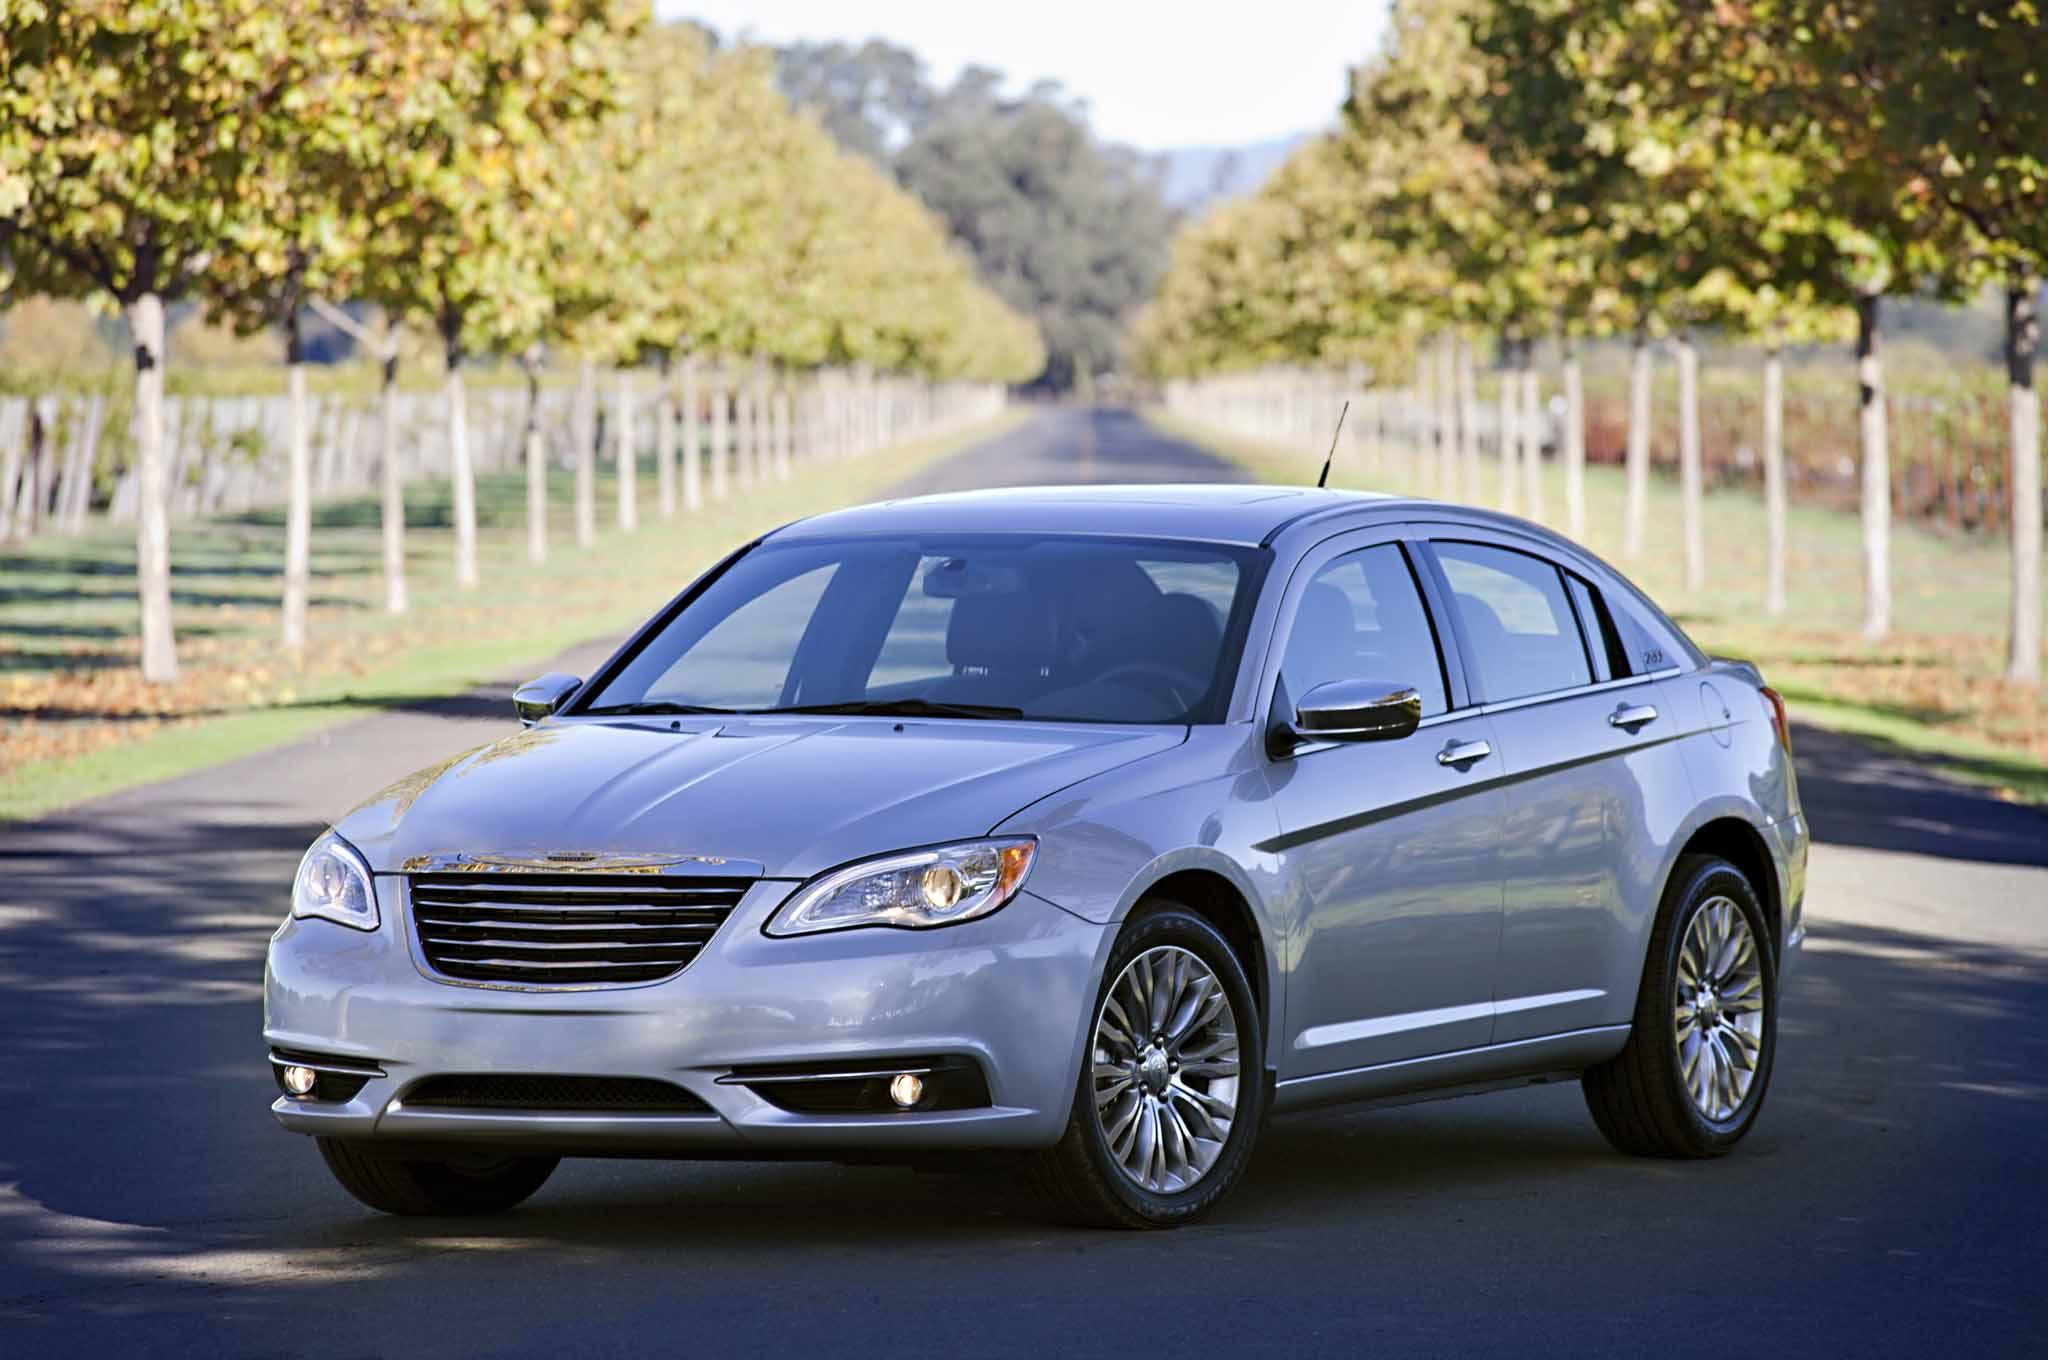 Facelift Cars - 2014 Chrysler 200